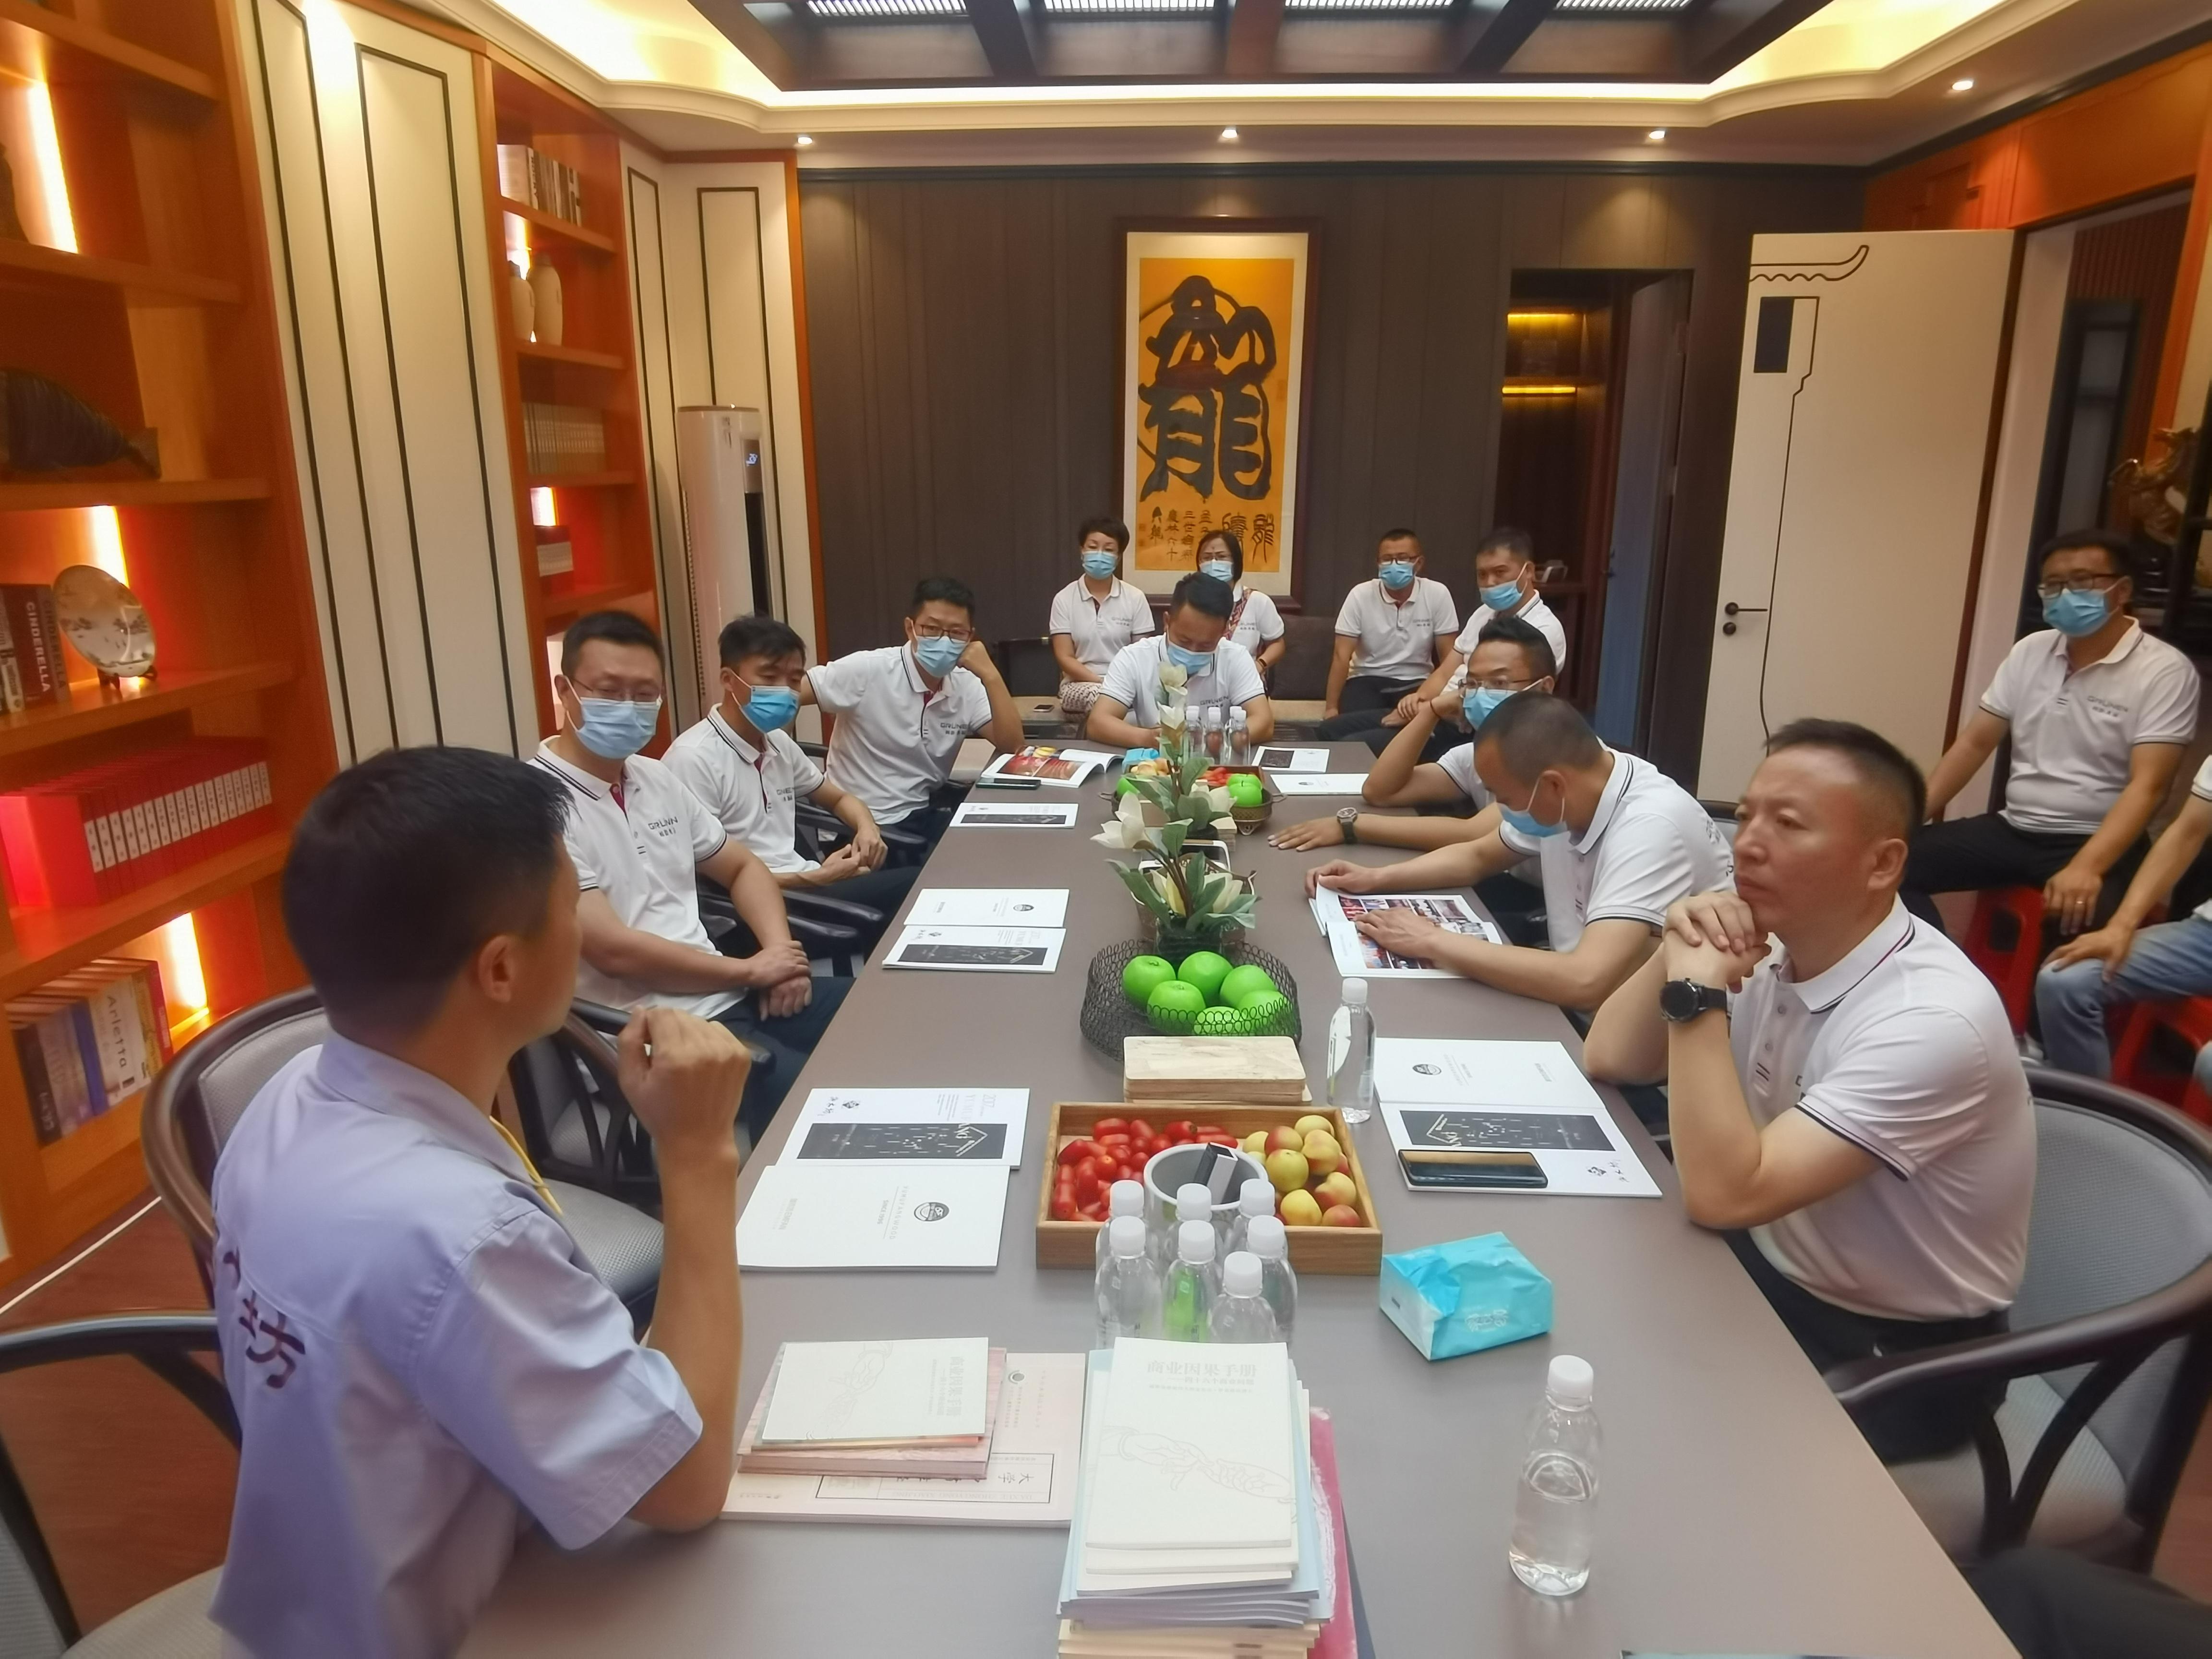 哈尔滨阁韵窗业中高层管理团队赴御木坊学习考察!